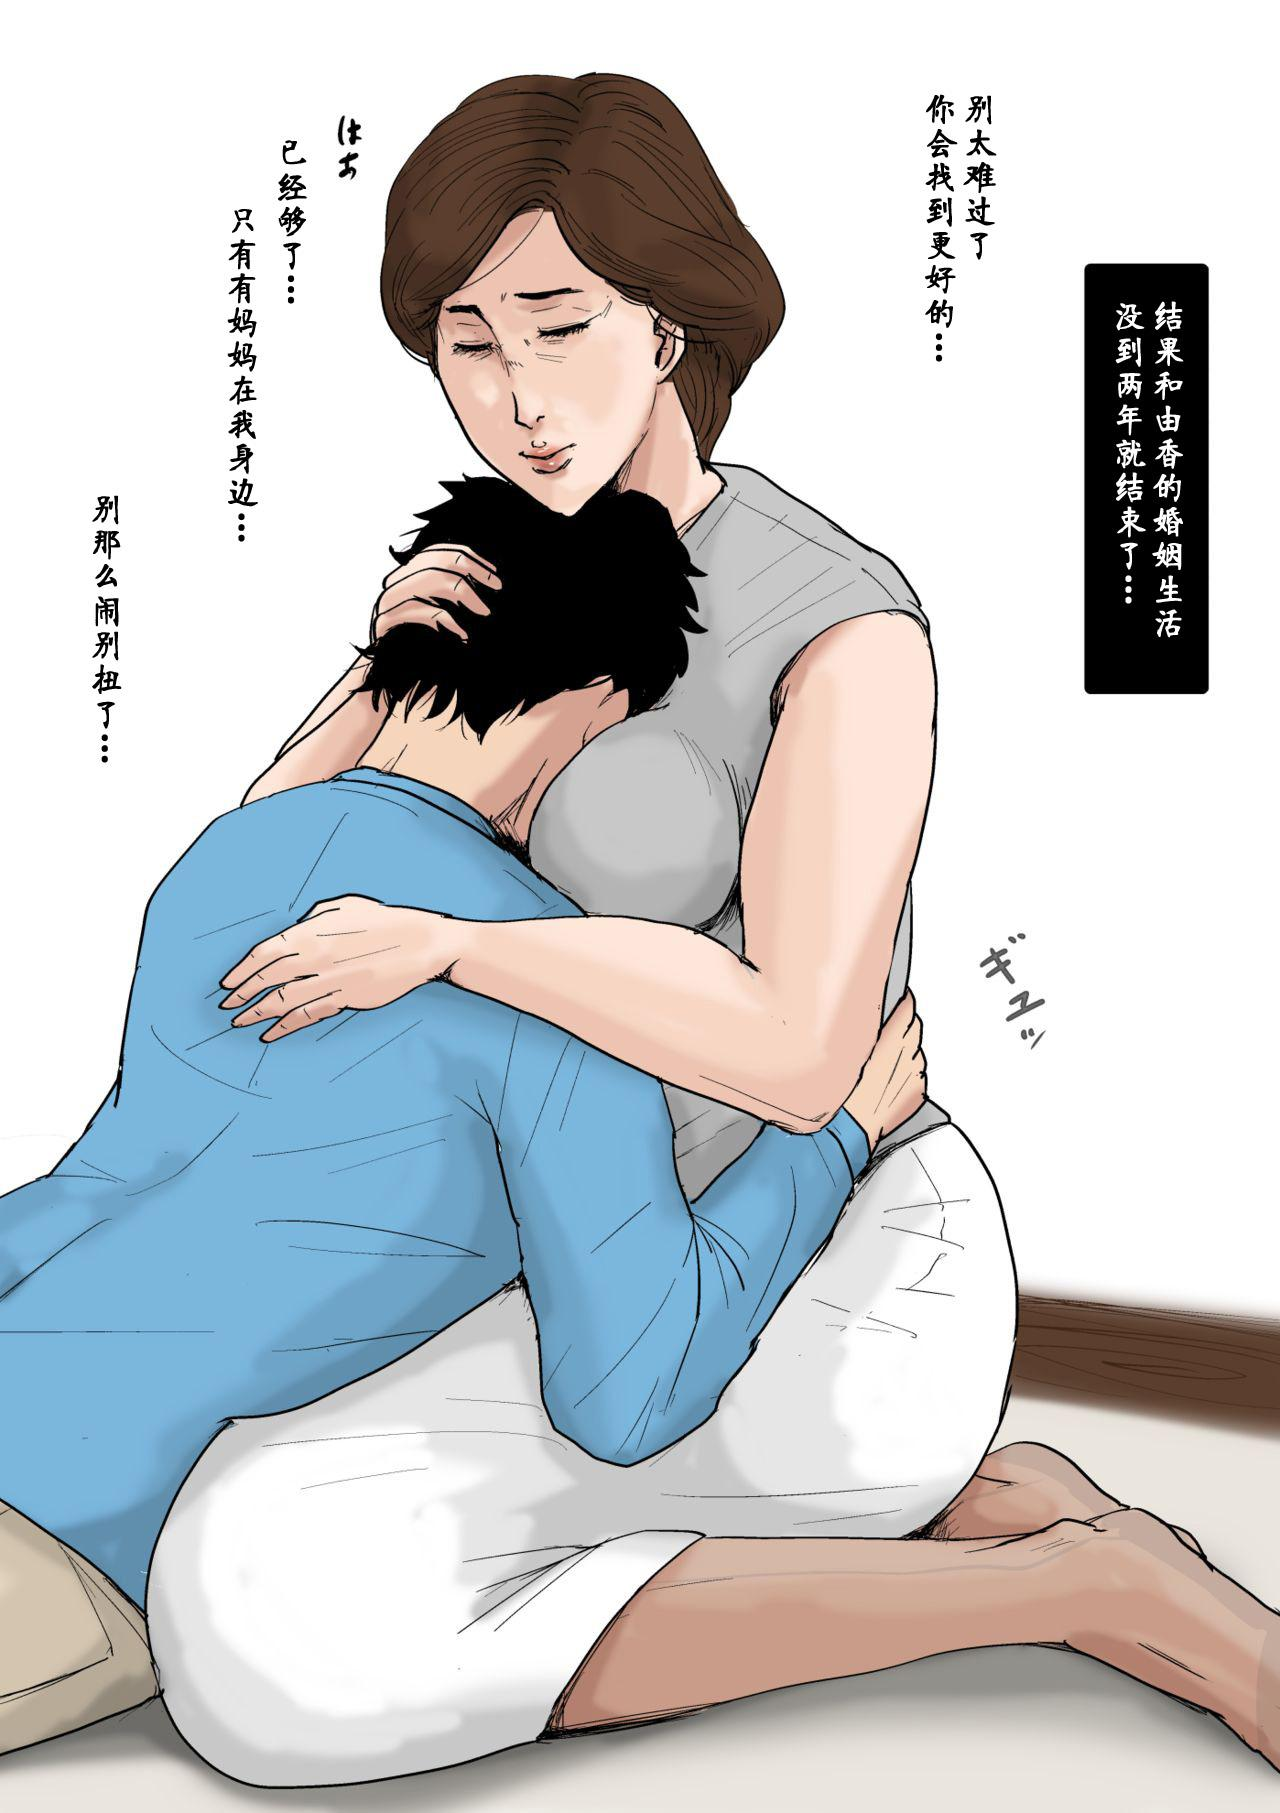 [Oozora Kaiko] Kaa-san to Ore no 20-nenshi ~Waga Ie no Kinshin Soukan Kaikoroku [Chinese] [金麦基个人汉化] 42